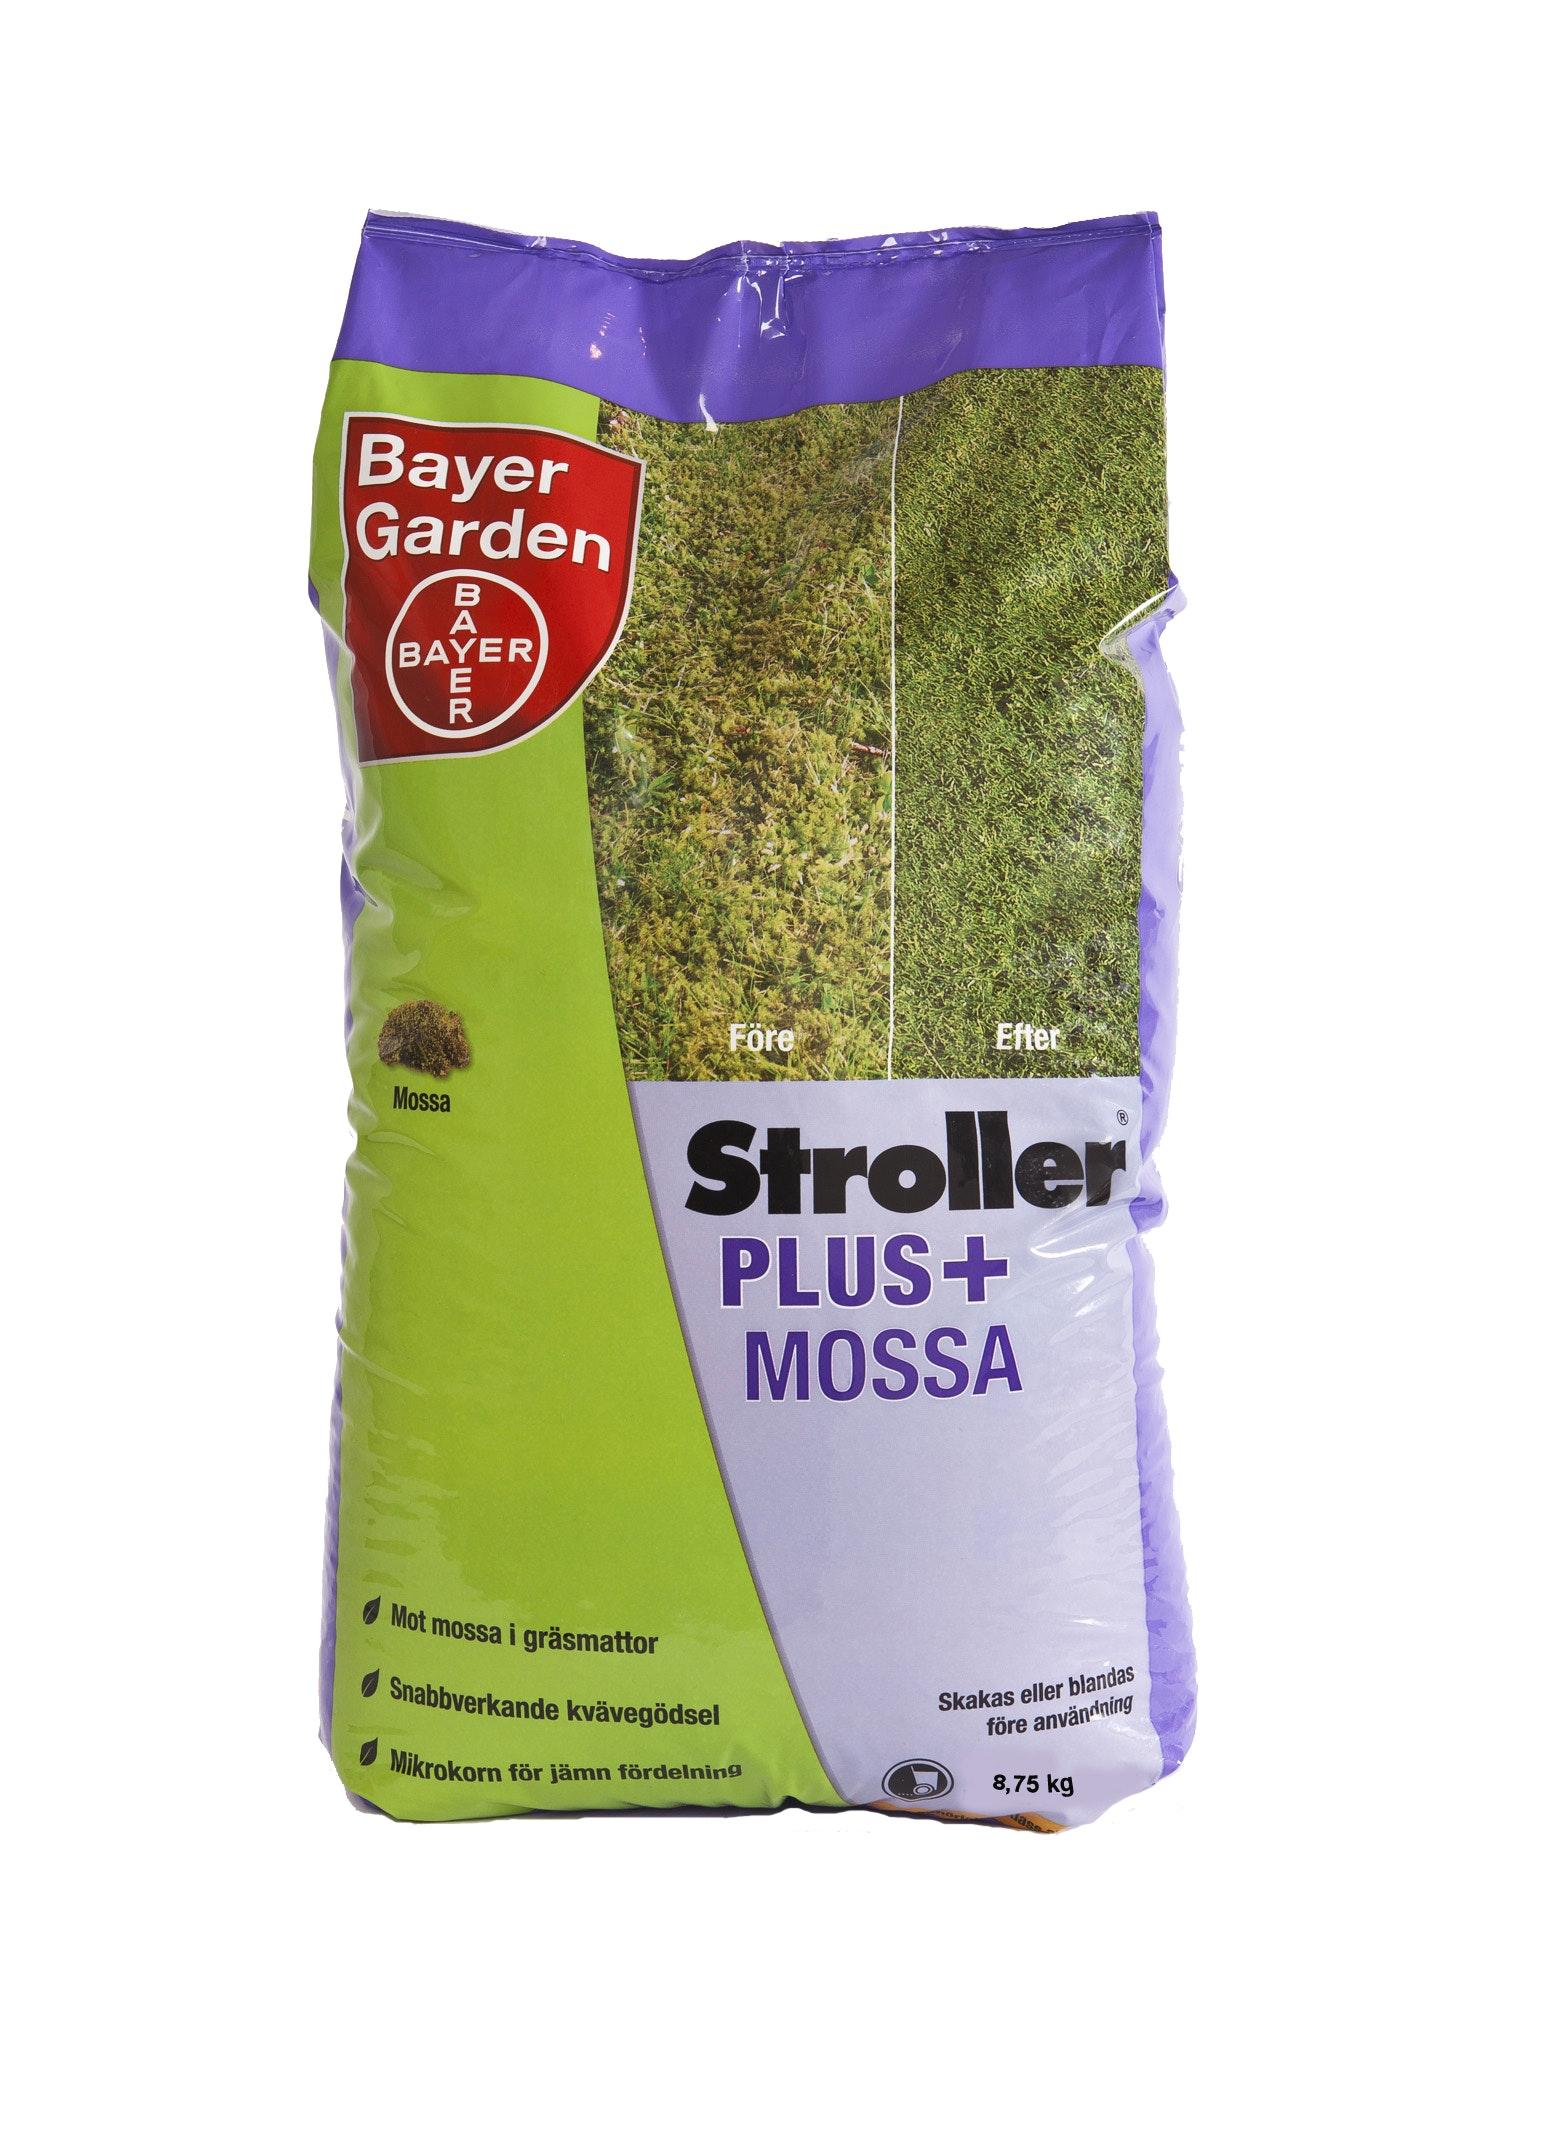 Gräsgödsel Bayer Stroller Mossa+ 8,75kg 250m²